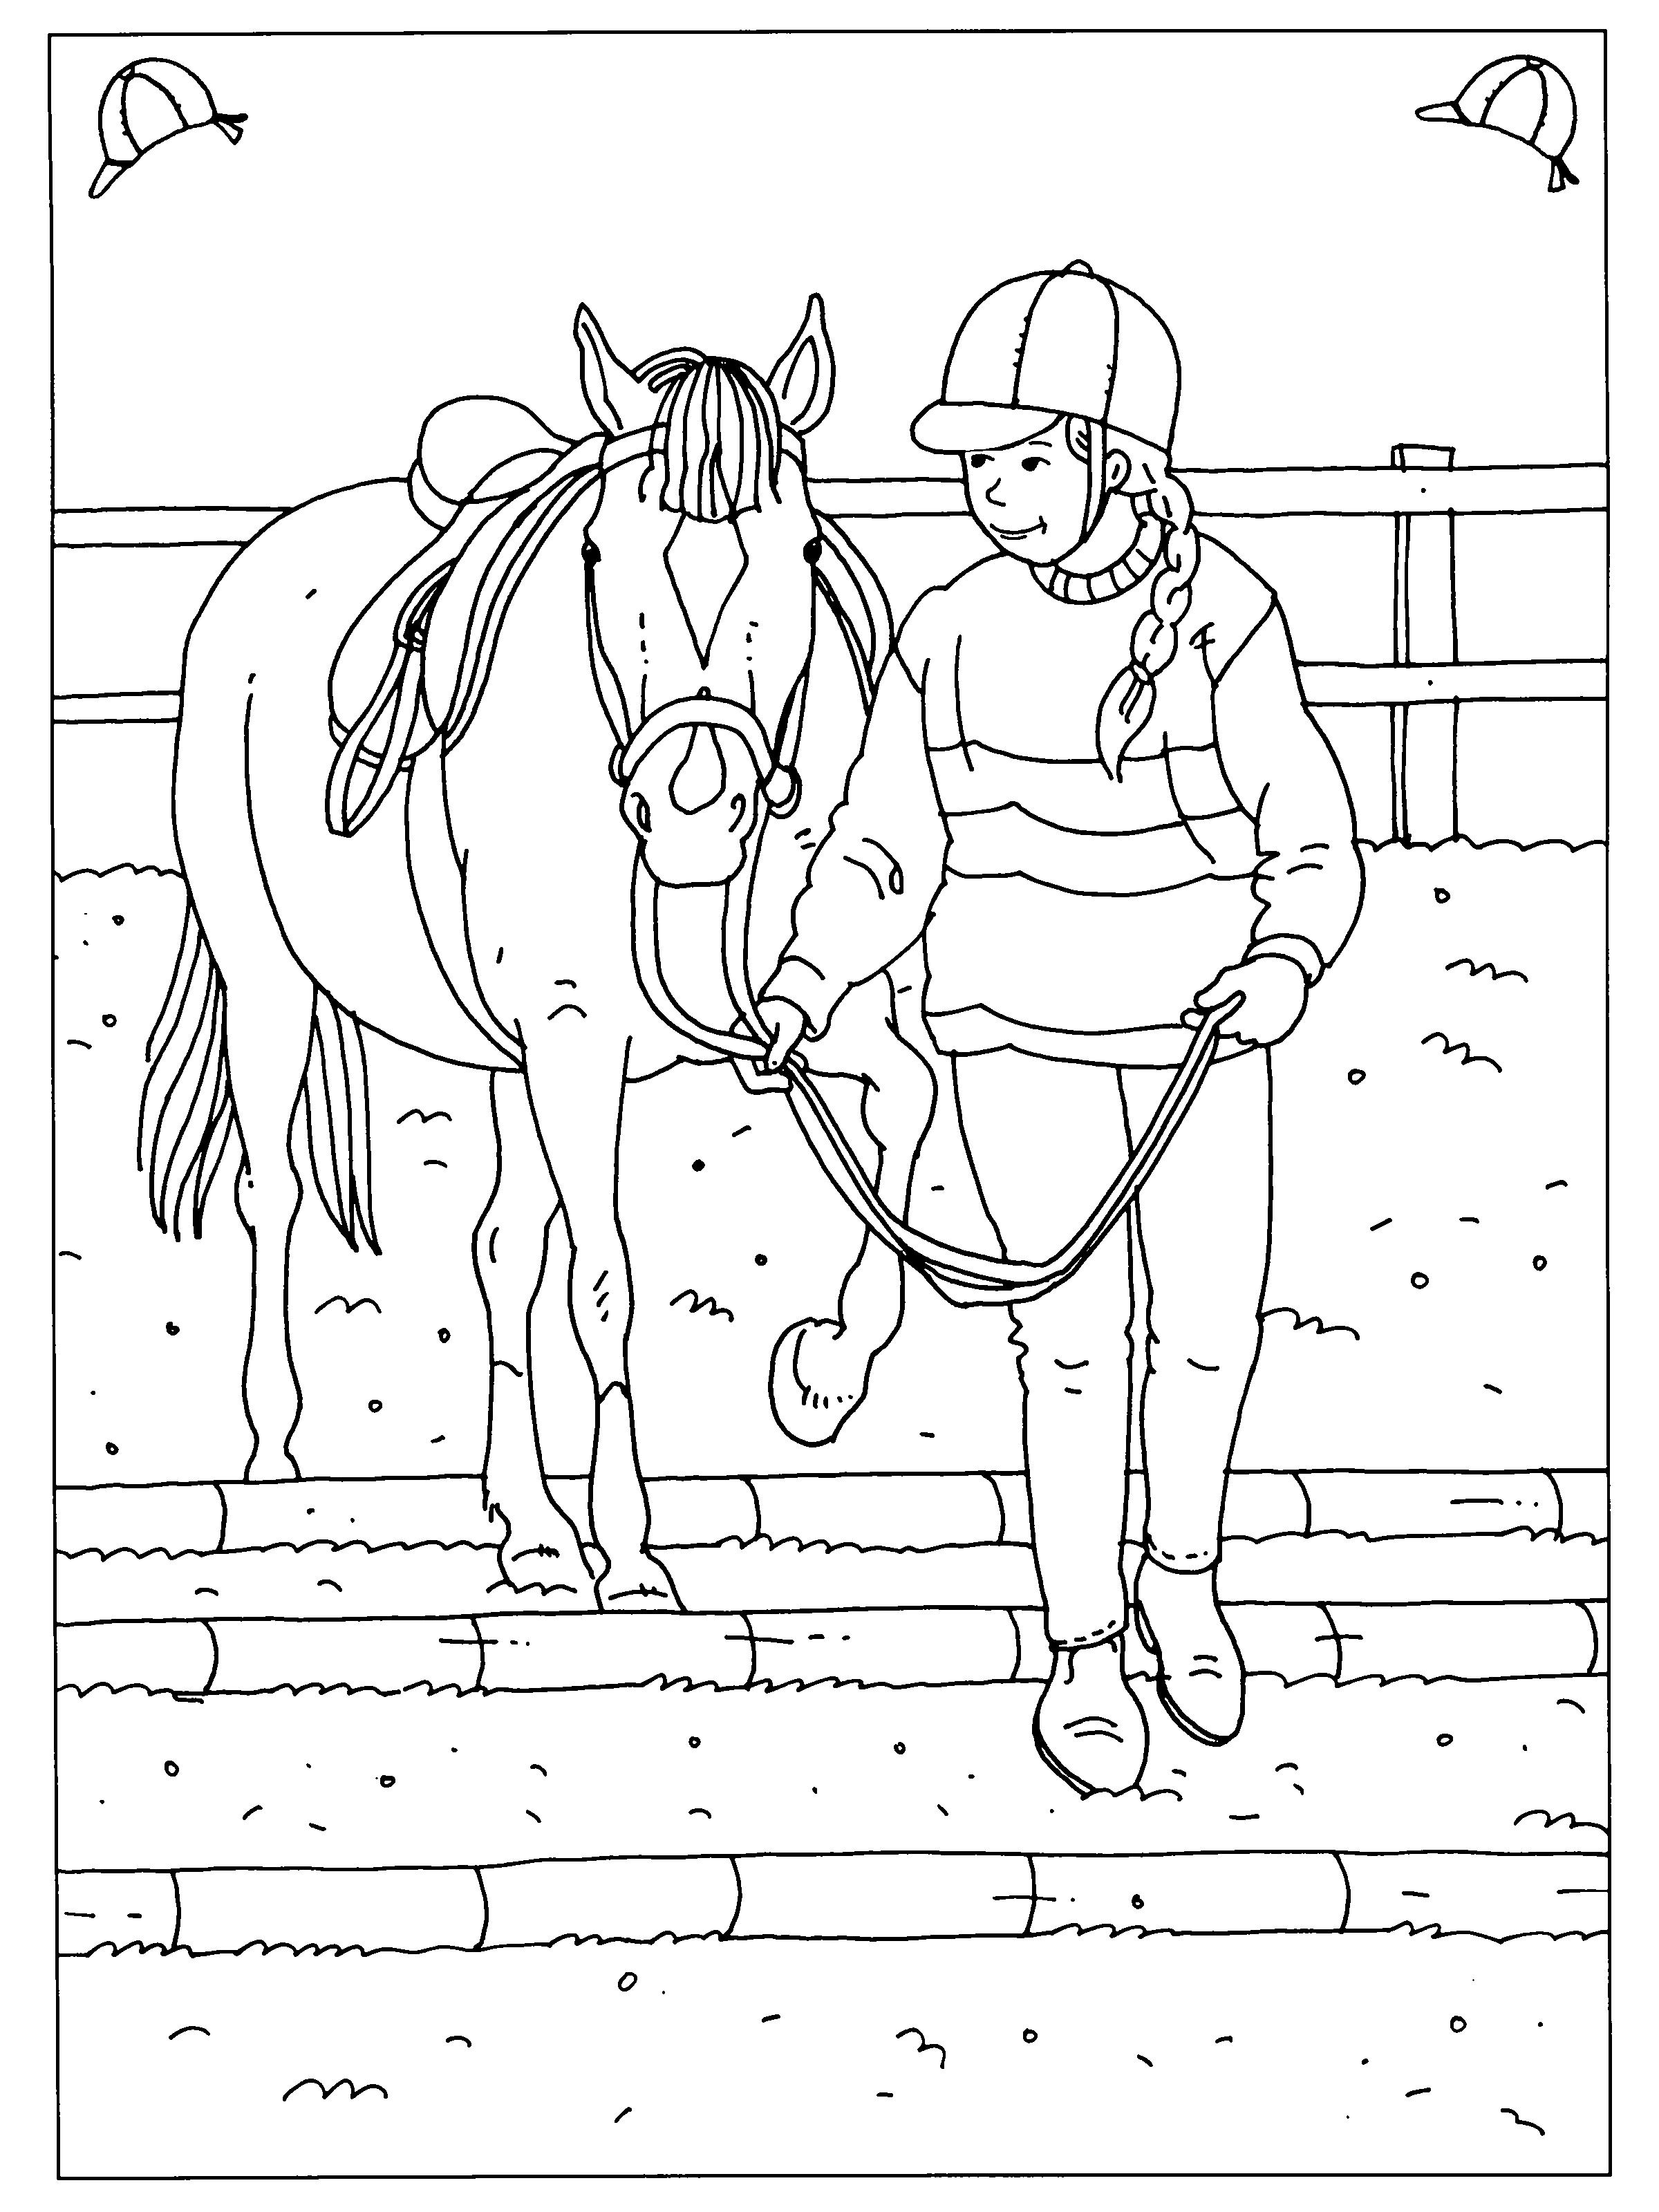 Kleurplaten Paard En Ruiter.15 Kleurplaten Paarden Manege Krijg Duizenden Kleurenfoto S Van De